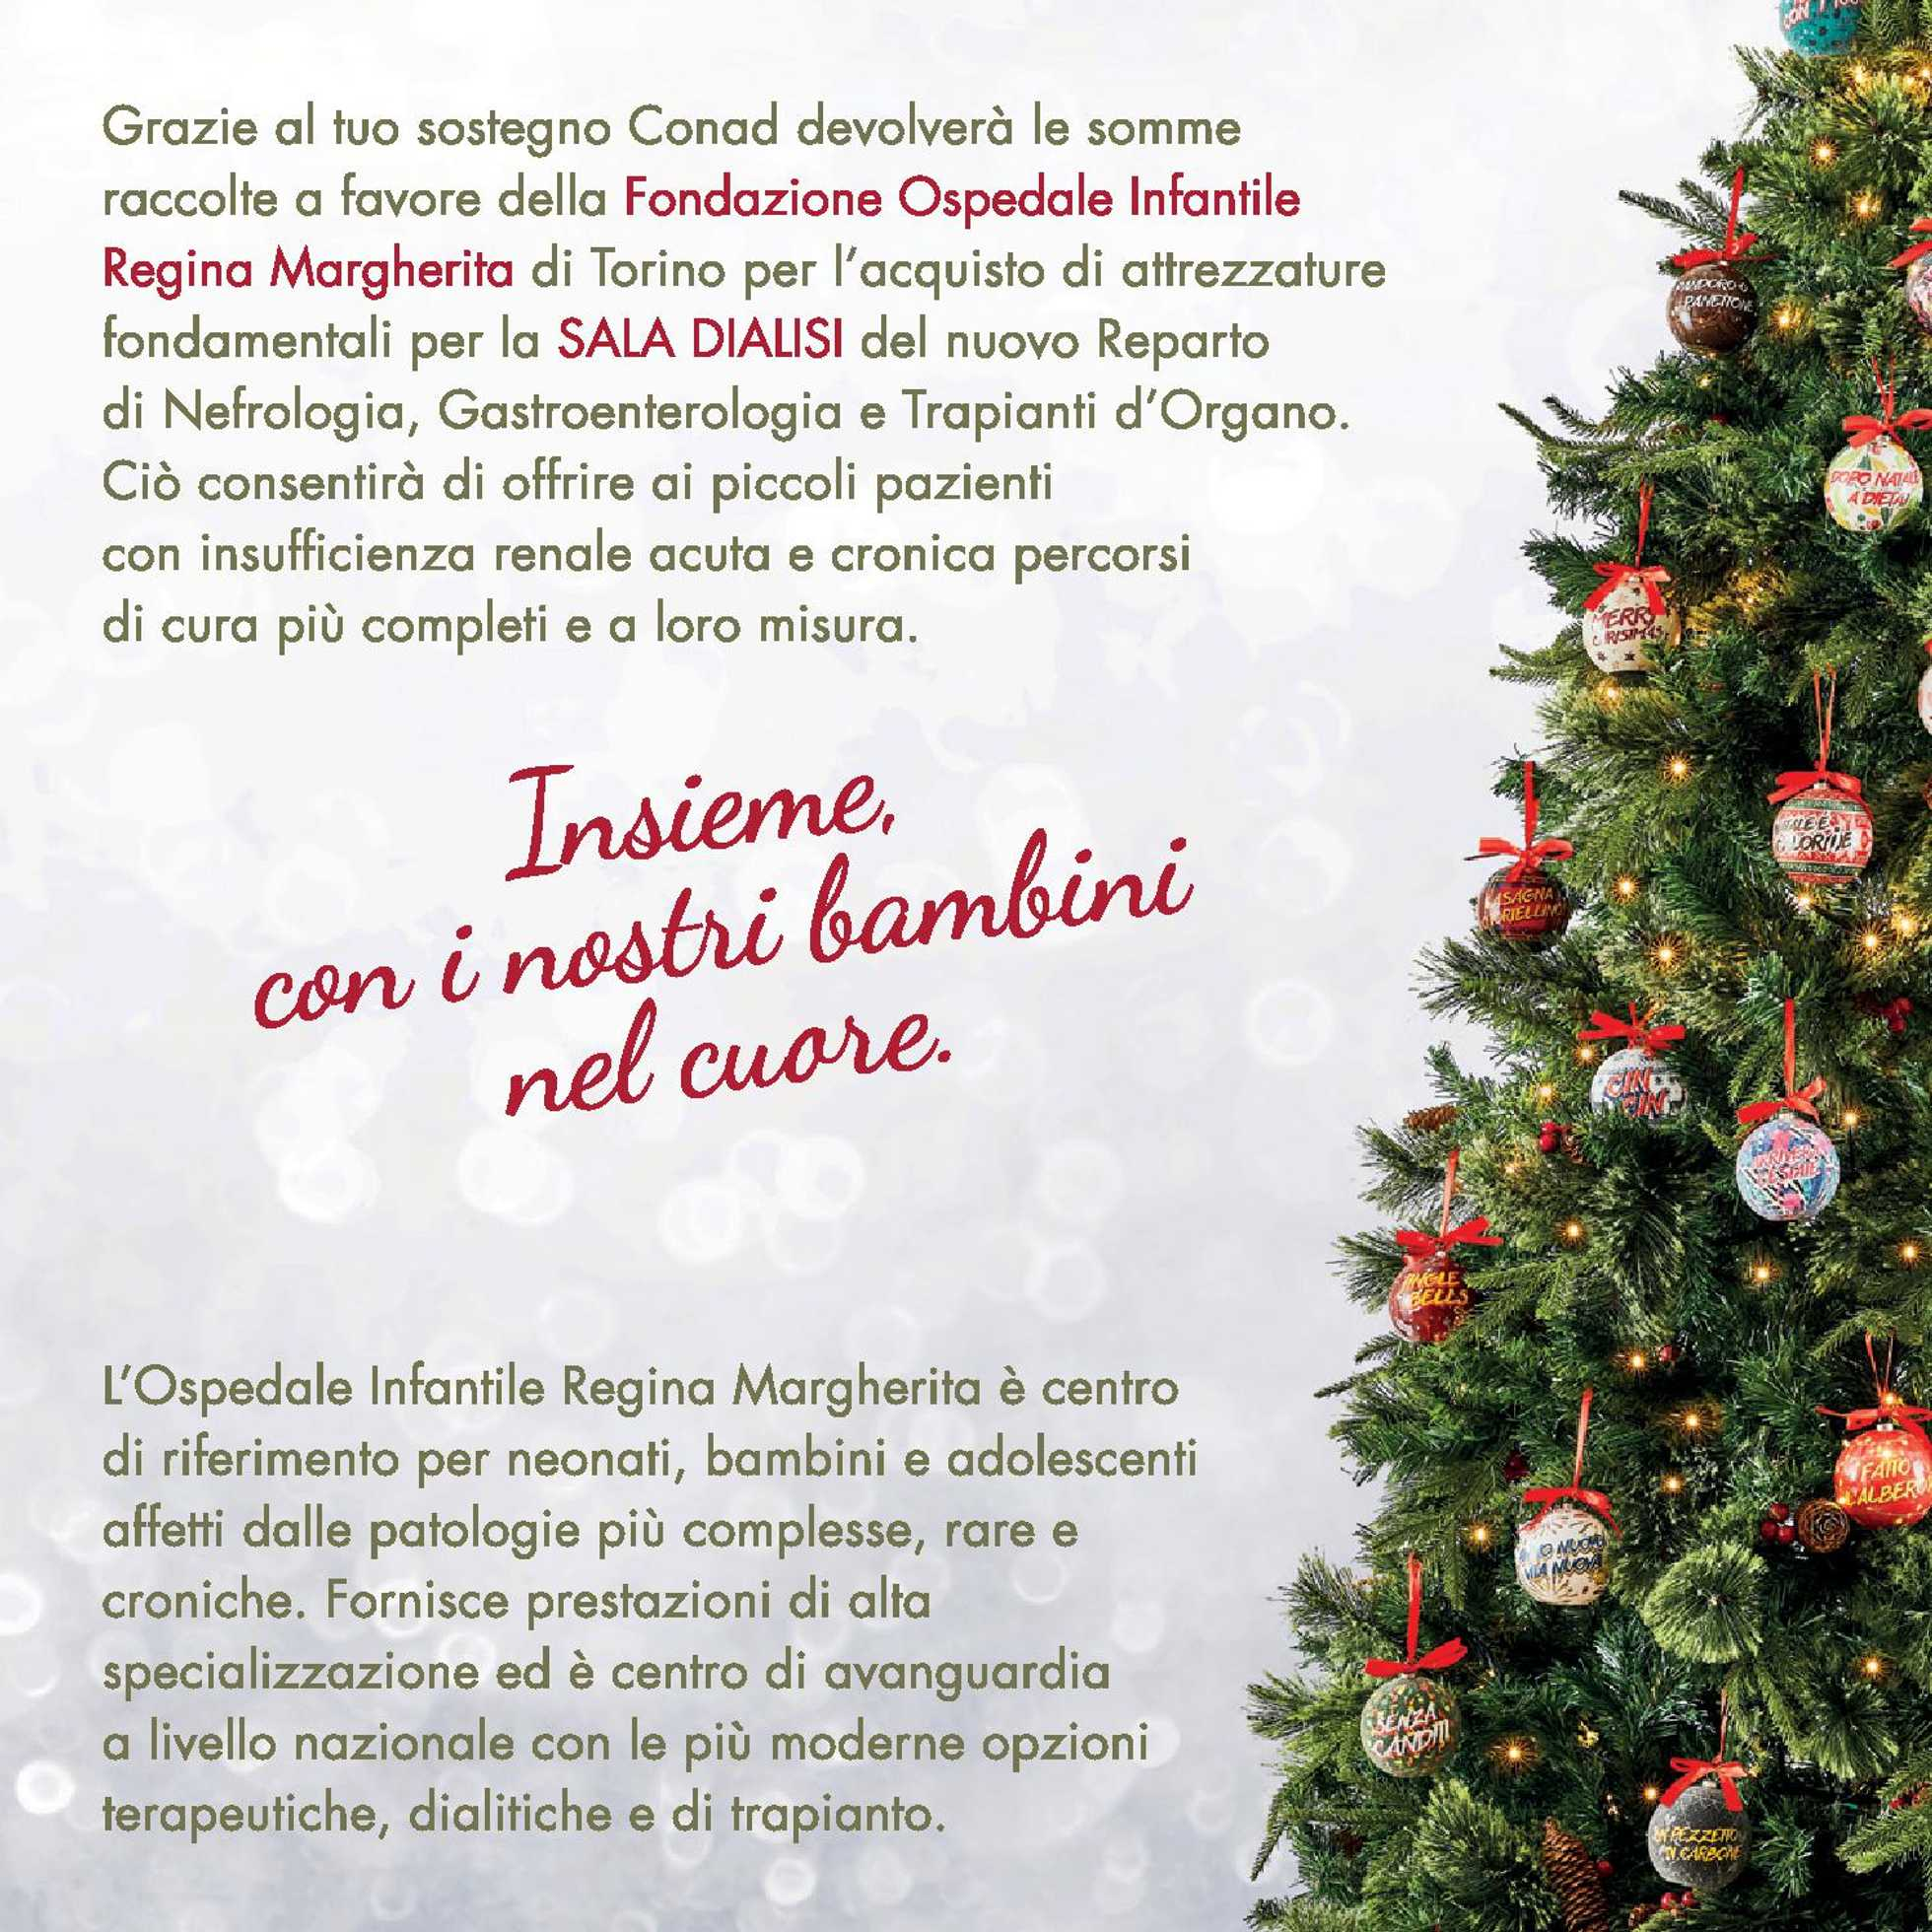 Spazio Conad - offerte valide dal 02.11.2020 al 10.12.2020 - pagina 3.